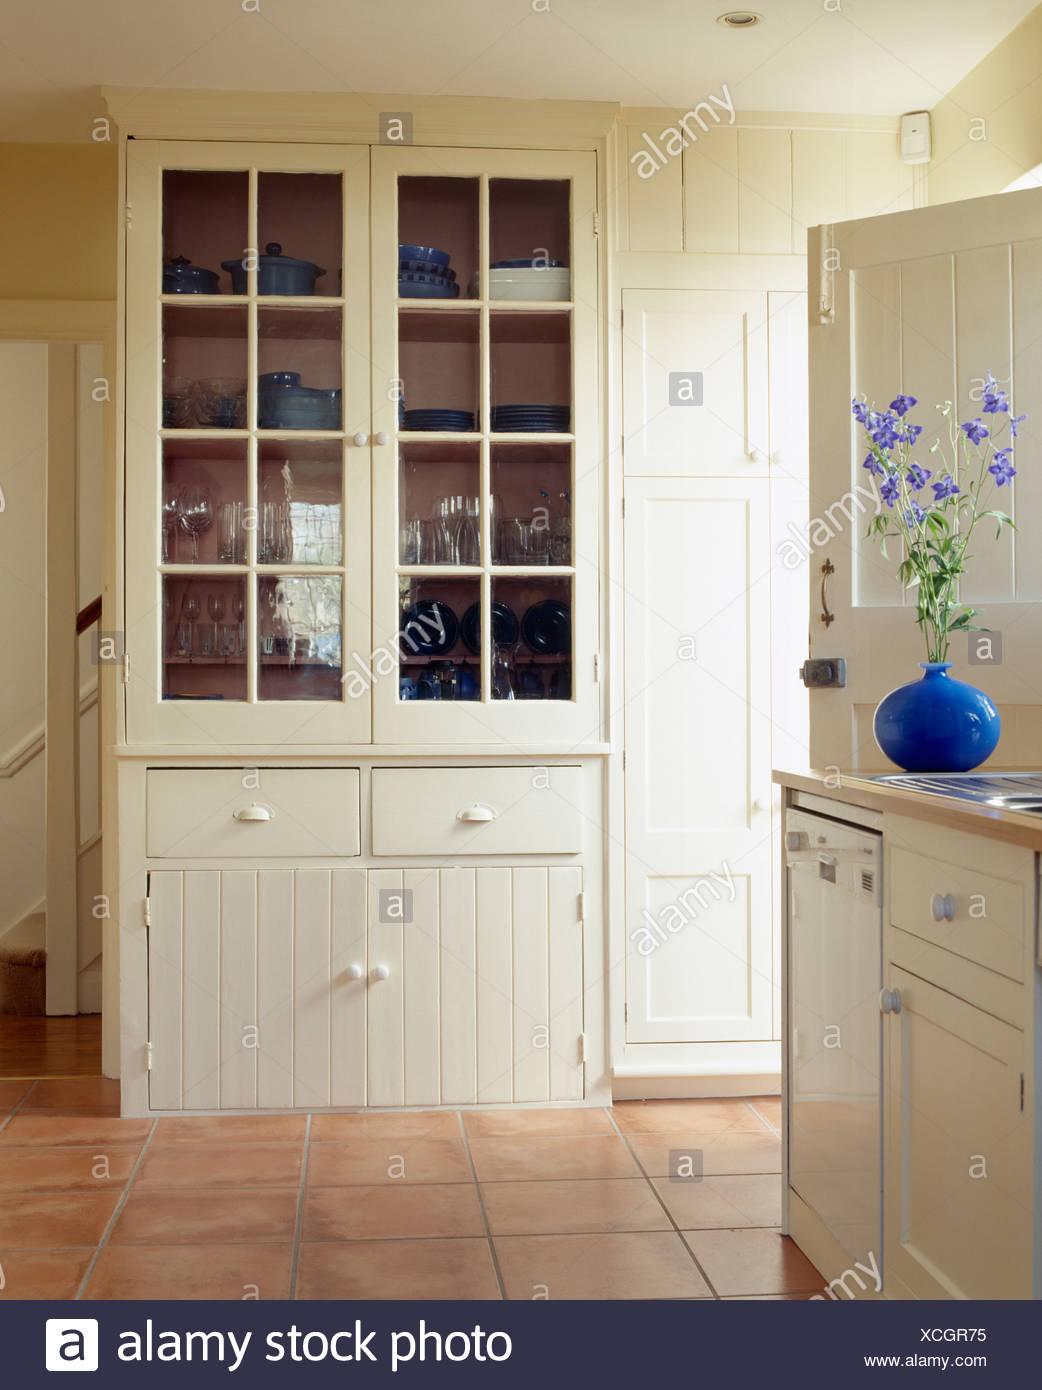 Tolle Cremefarbenen Küchengeräte Bilder - Küche Set Ideen ...